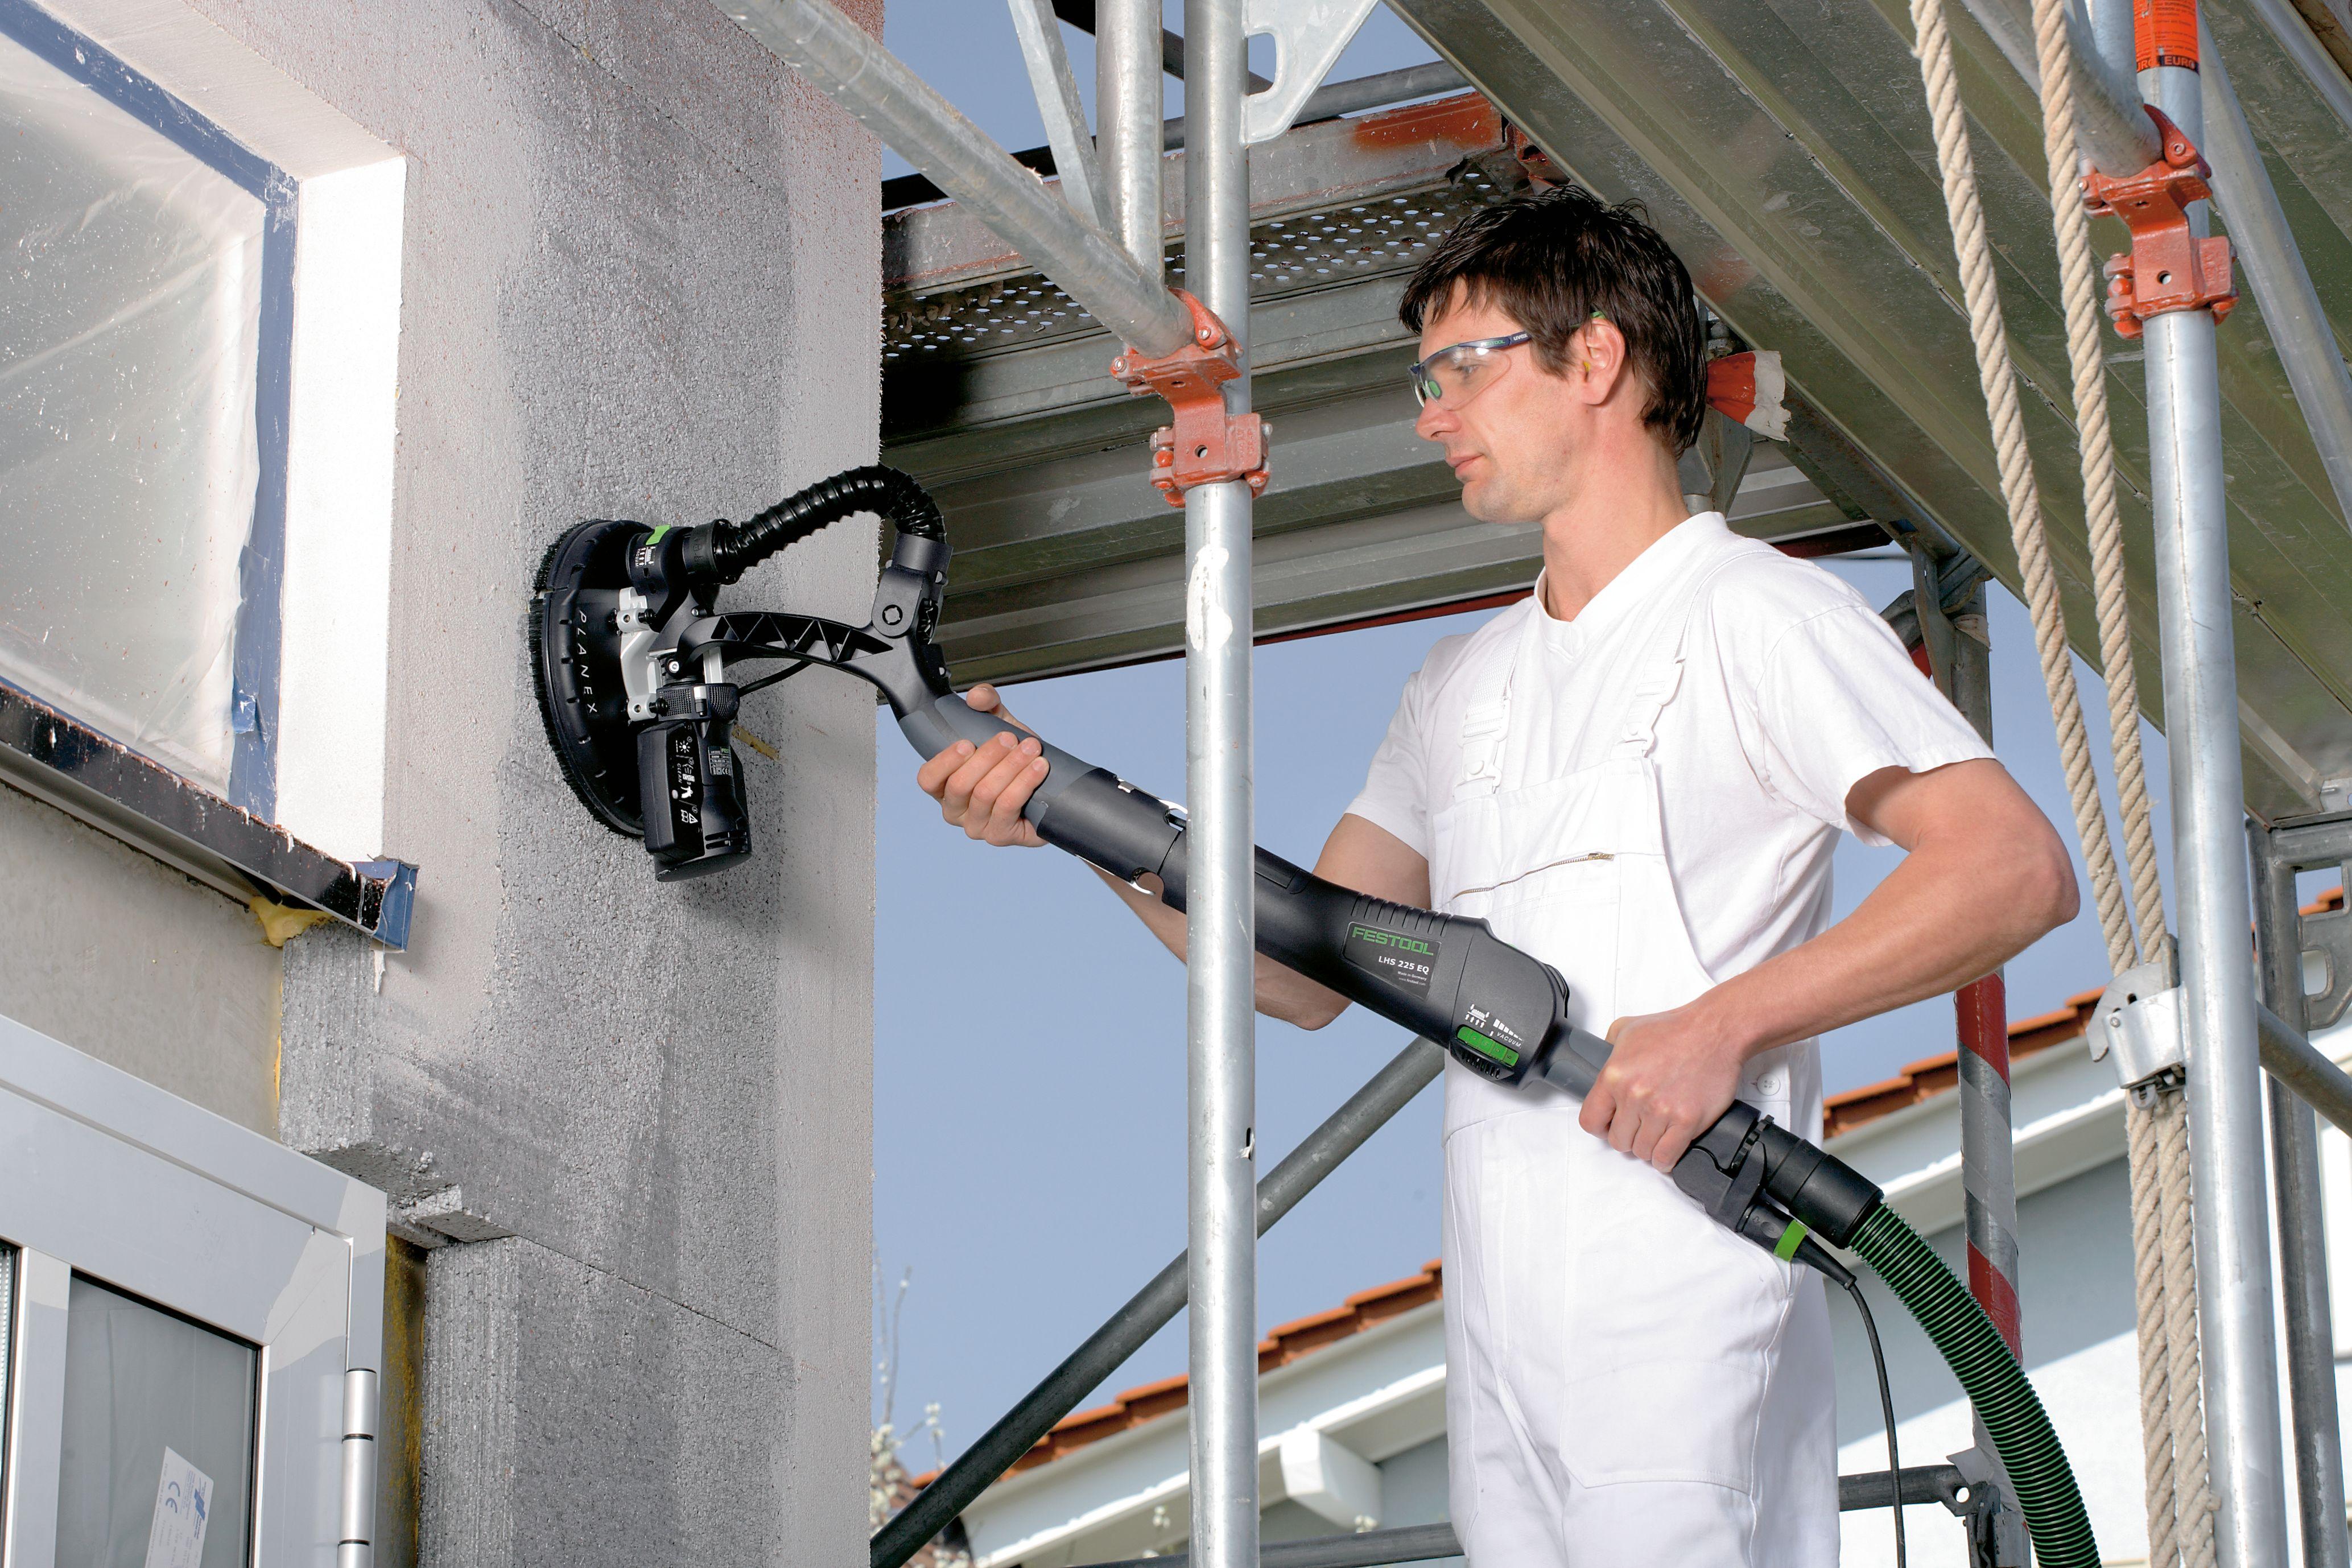 Машинка шлифовальная FESTOOL PLANEX LHS 225 CT 36 Set LHS 225-IP/CTL 36 E AC-Set (Фестул Планекс 225), в комплекте с аппаратом пылеудаляющим и тарелкой IP